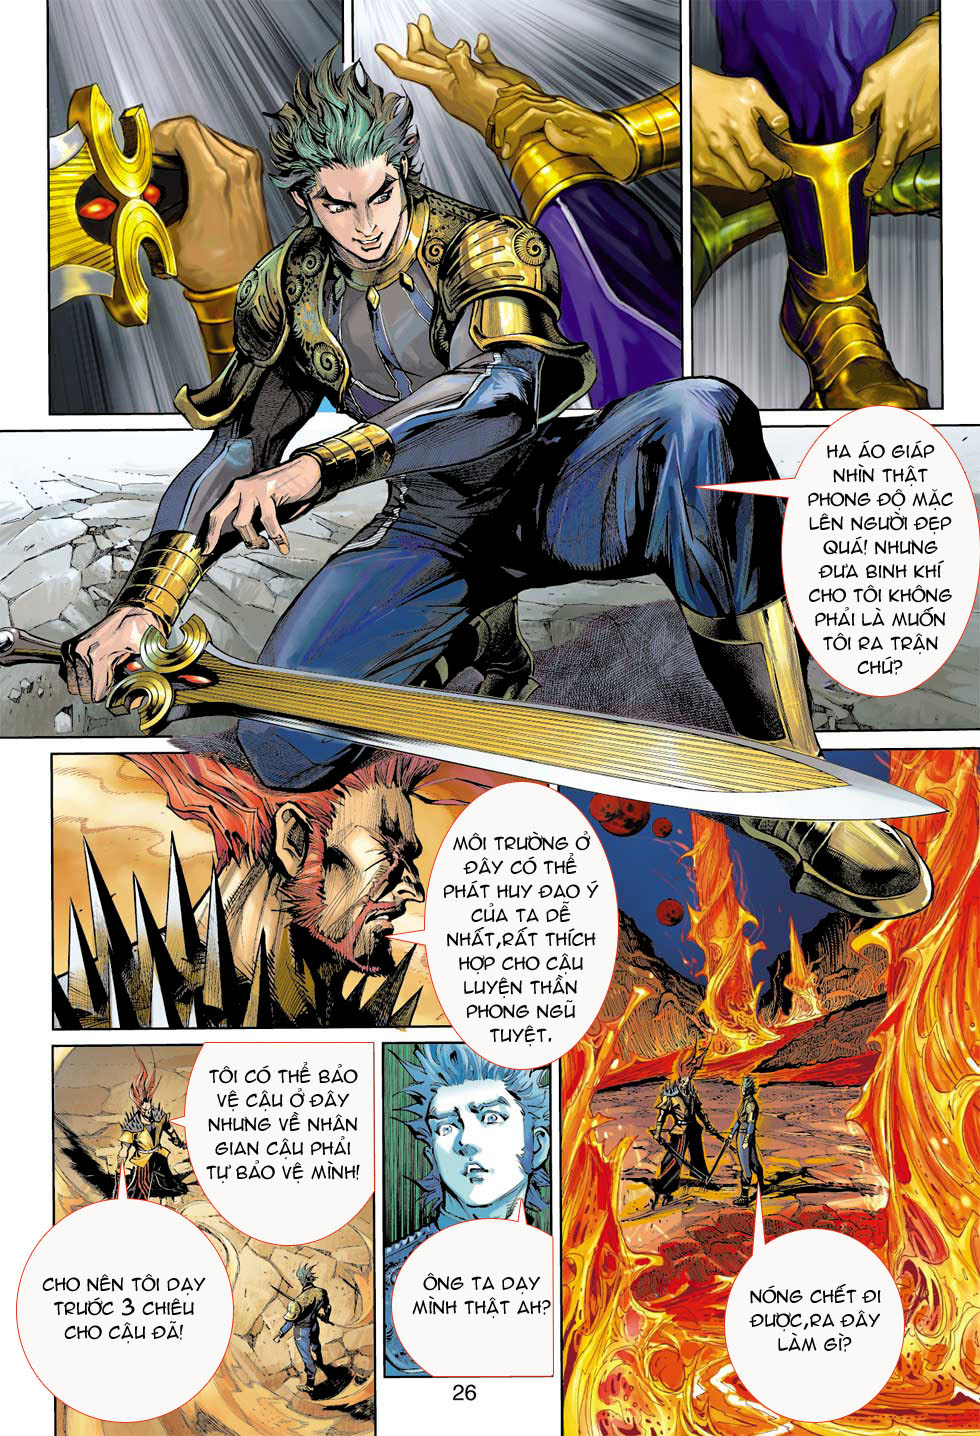 Thần Binh 4 chap 8 - Trang 26